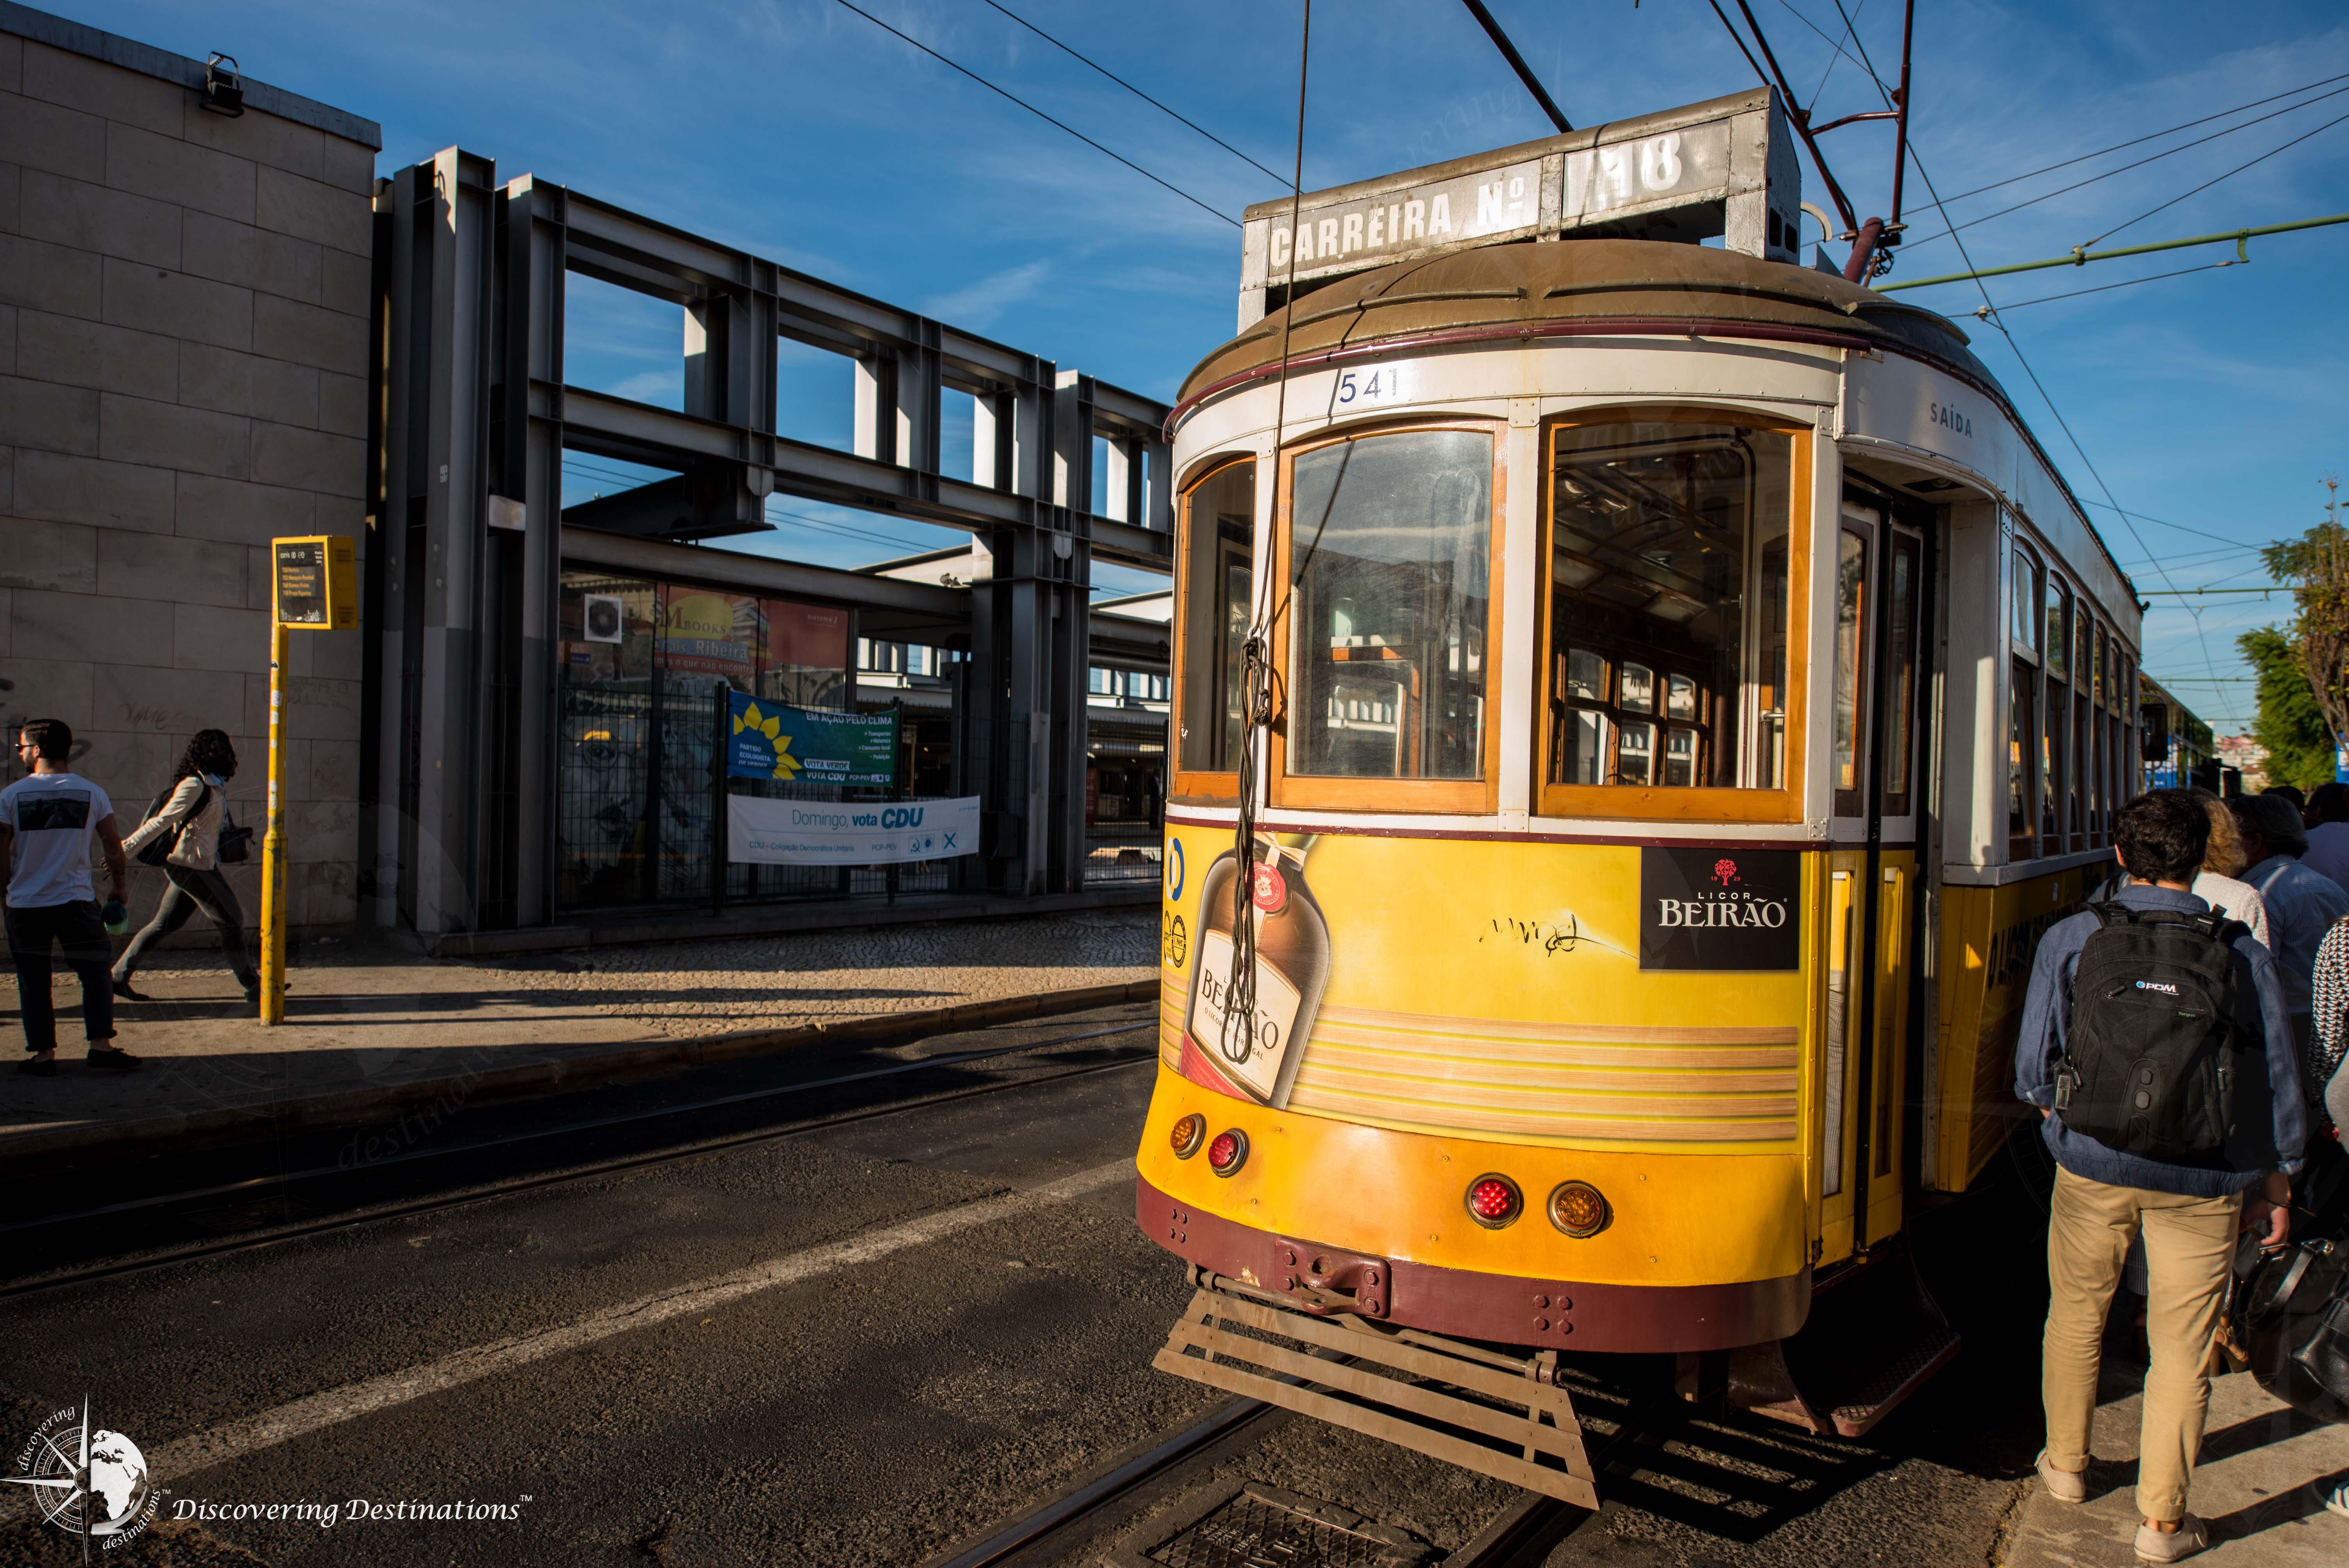 Getting around Lisbon